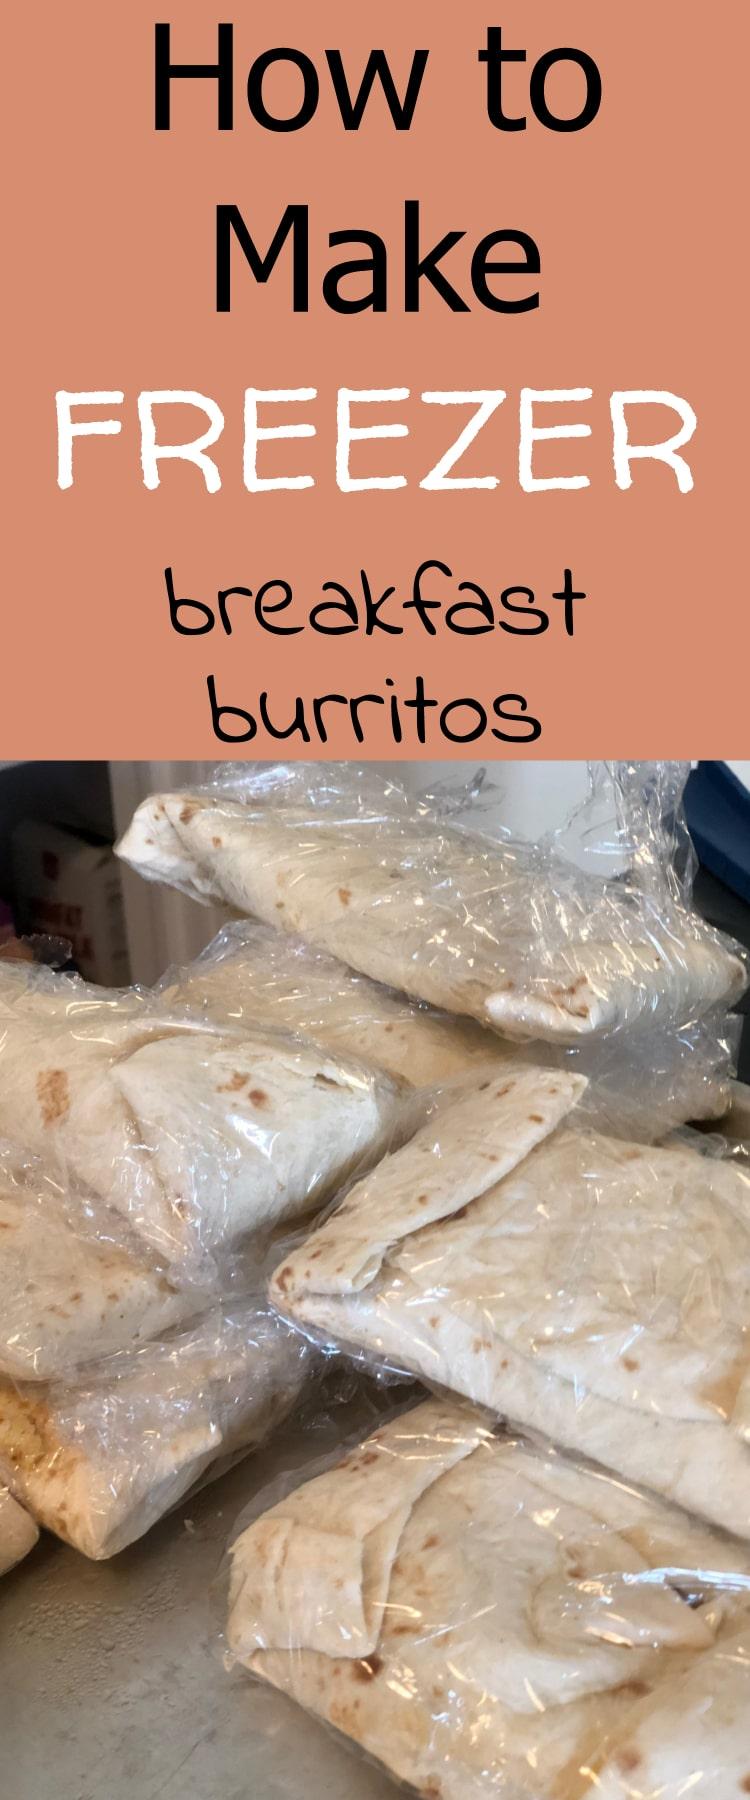 How to Make Freezer Breakfast Burritos - Click here to learn! #breakfastburritos #breakfast #breakfastideas #recipes #breakfastclub #freezermeals #freezercooking #frozenmeals #mealprep #healthyeating #healthyrecipes #healthybreakfasts breakfast burritos / homemade breakfast burritos via @clarkscondensed